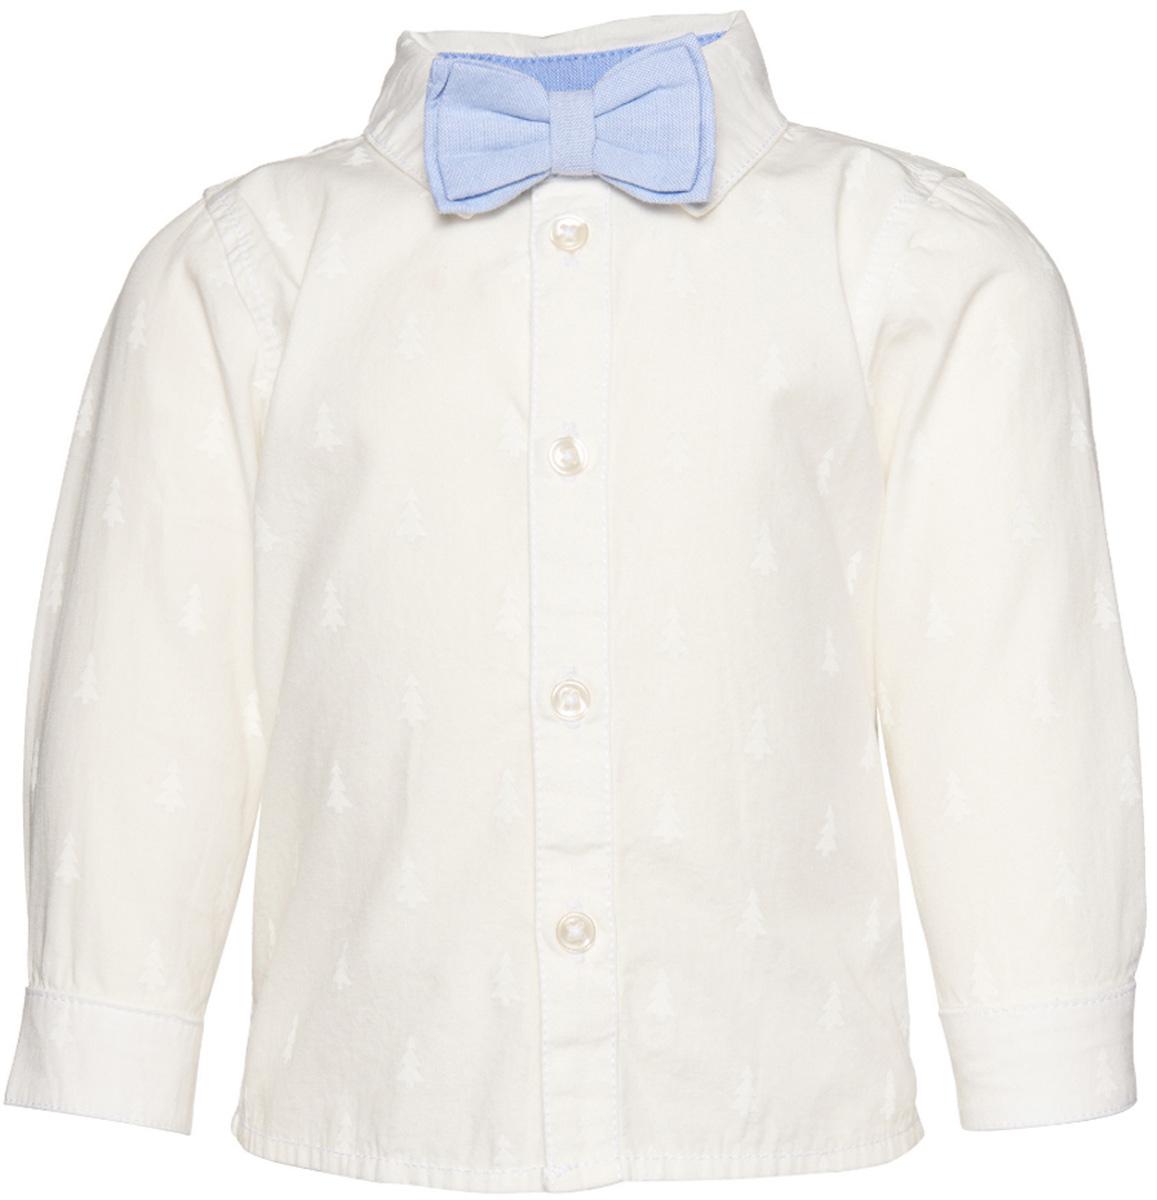 Рубашка2032499.40.22_2067Рубашка Tom Tailor для мальчика выполнена из высококачественного материала. Модель классического кроя с длинными рукавами и отложным воротником застегивается на пуговицы по всей длине. На манжетах предусмотрены застежки-пуговицы. Воротничок дополнен бабочкой.